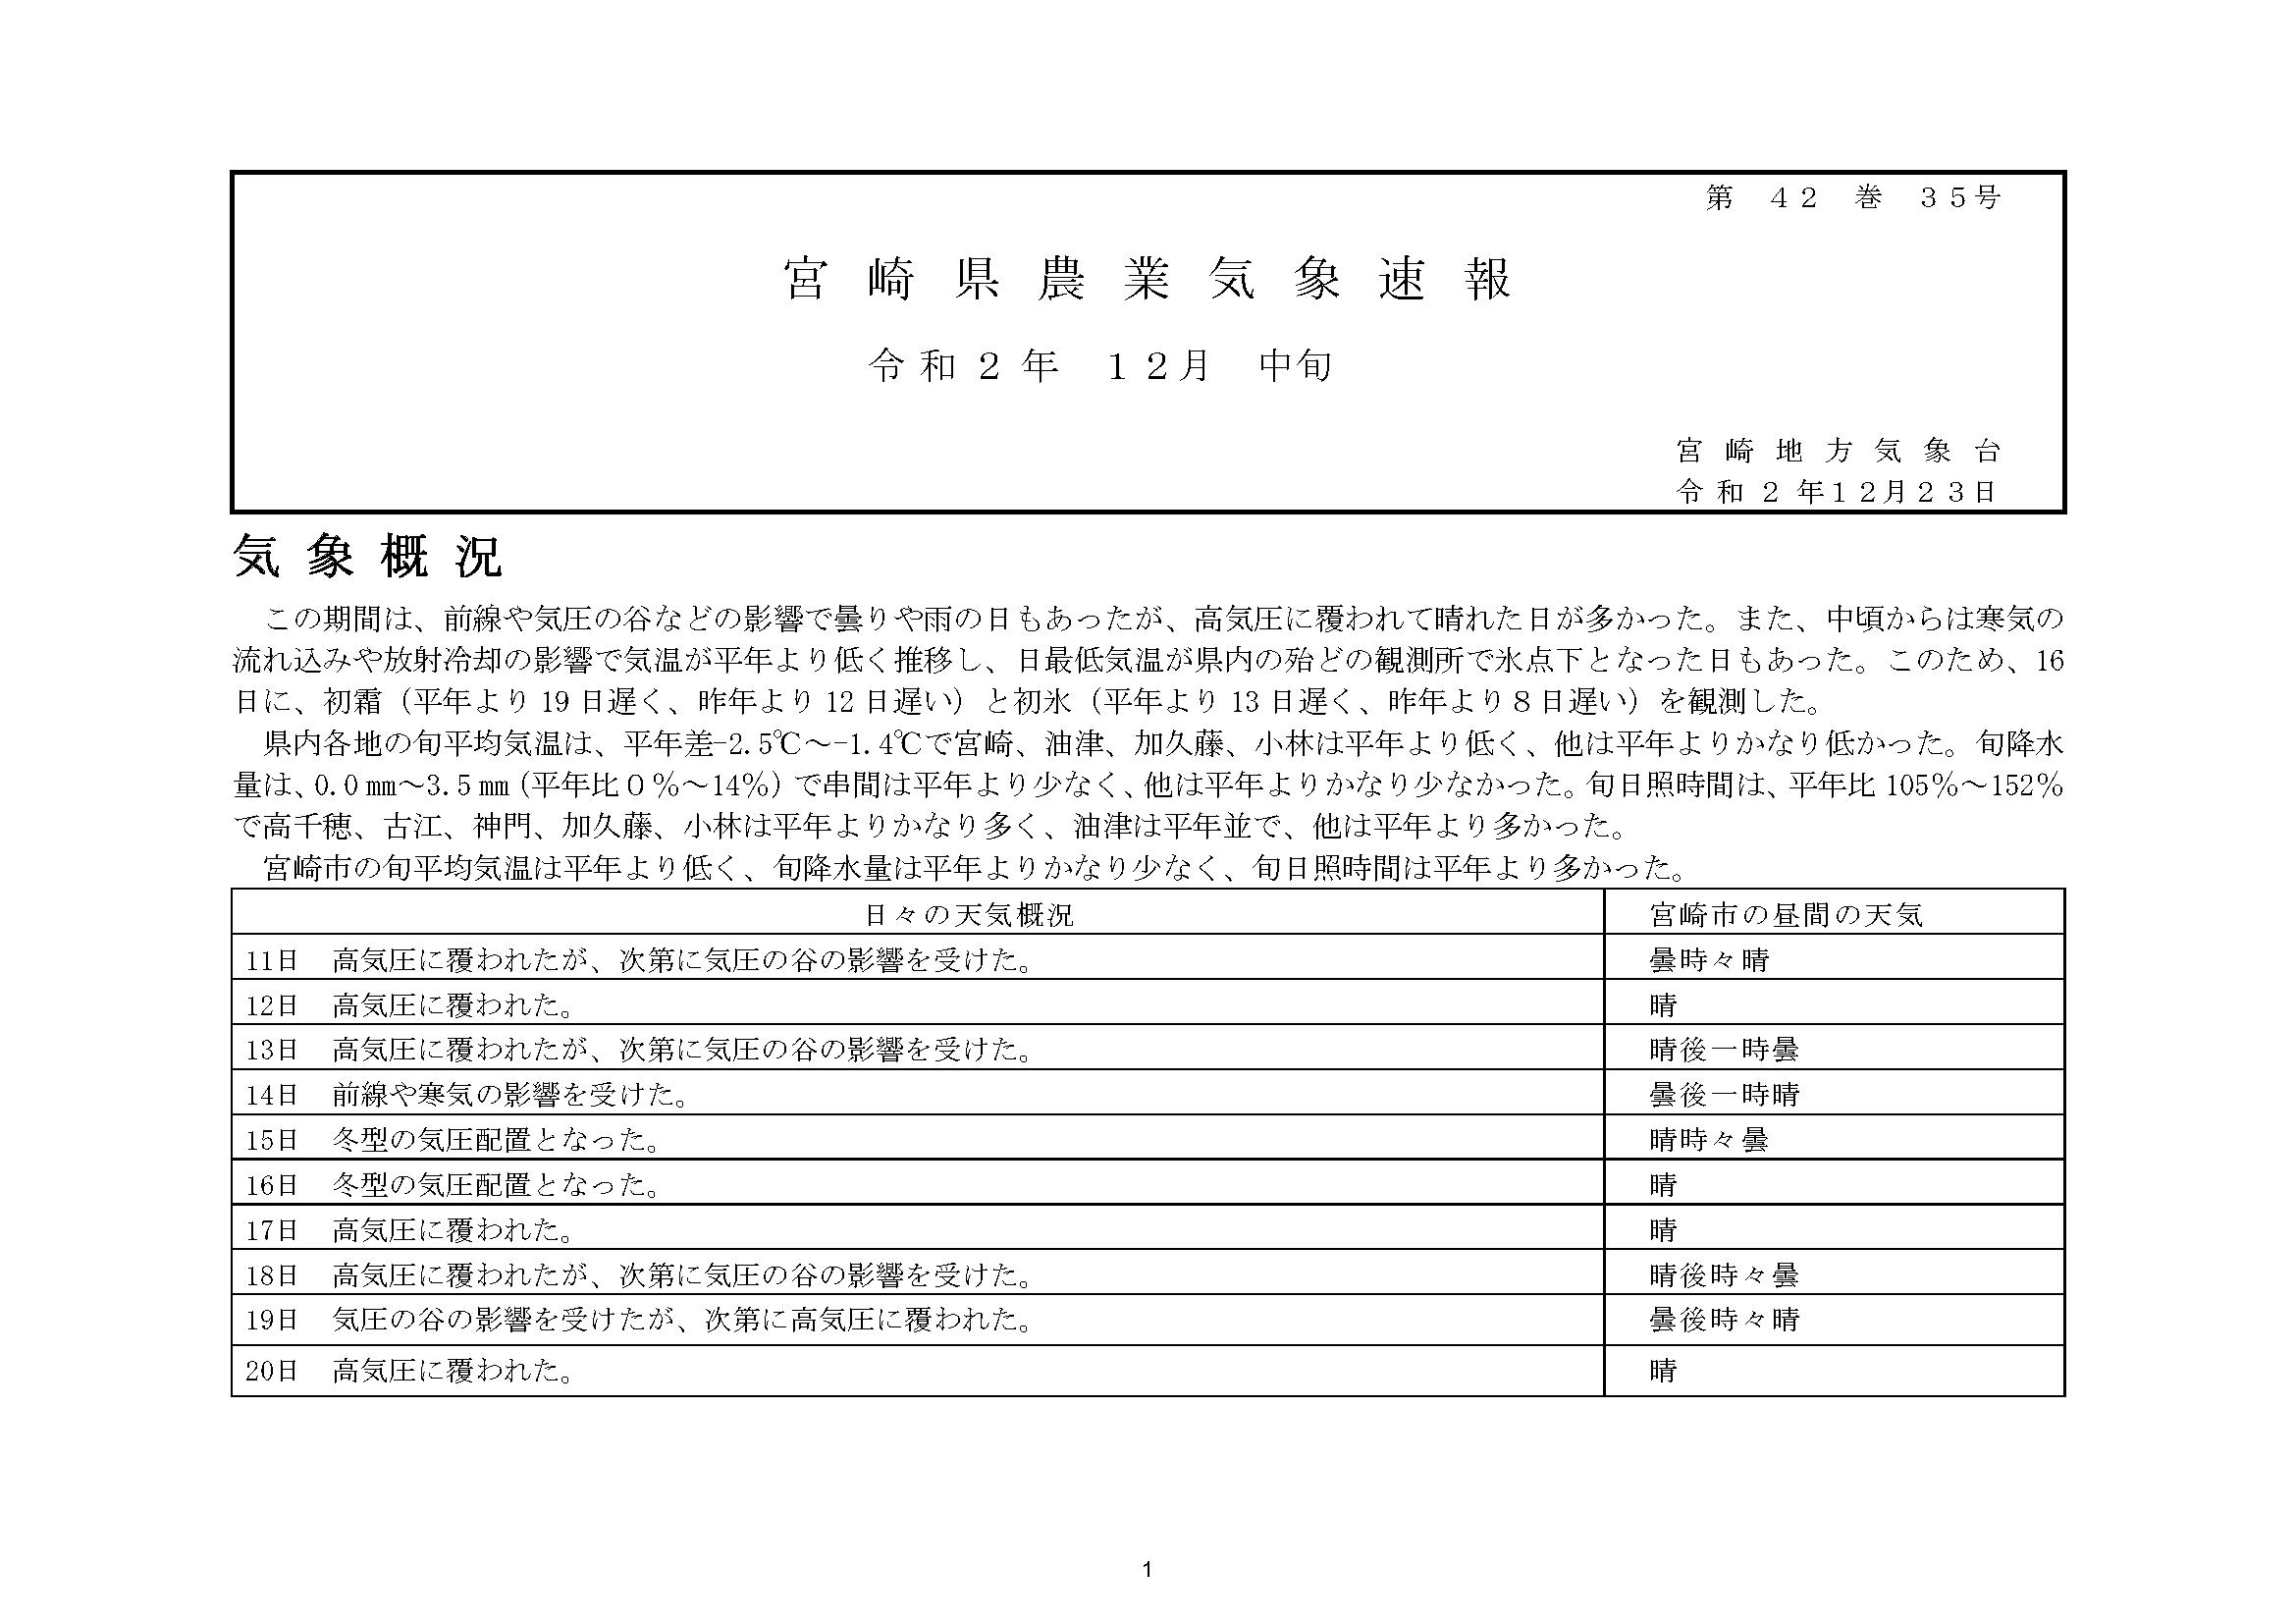 宮崎県農業気象速報令和2年12月中旬PDF